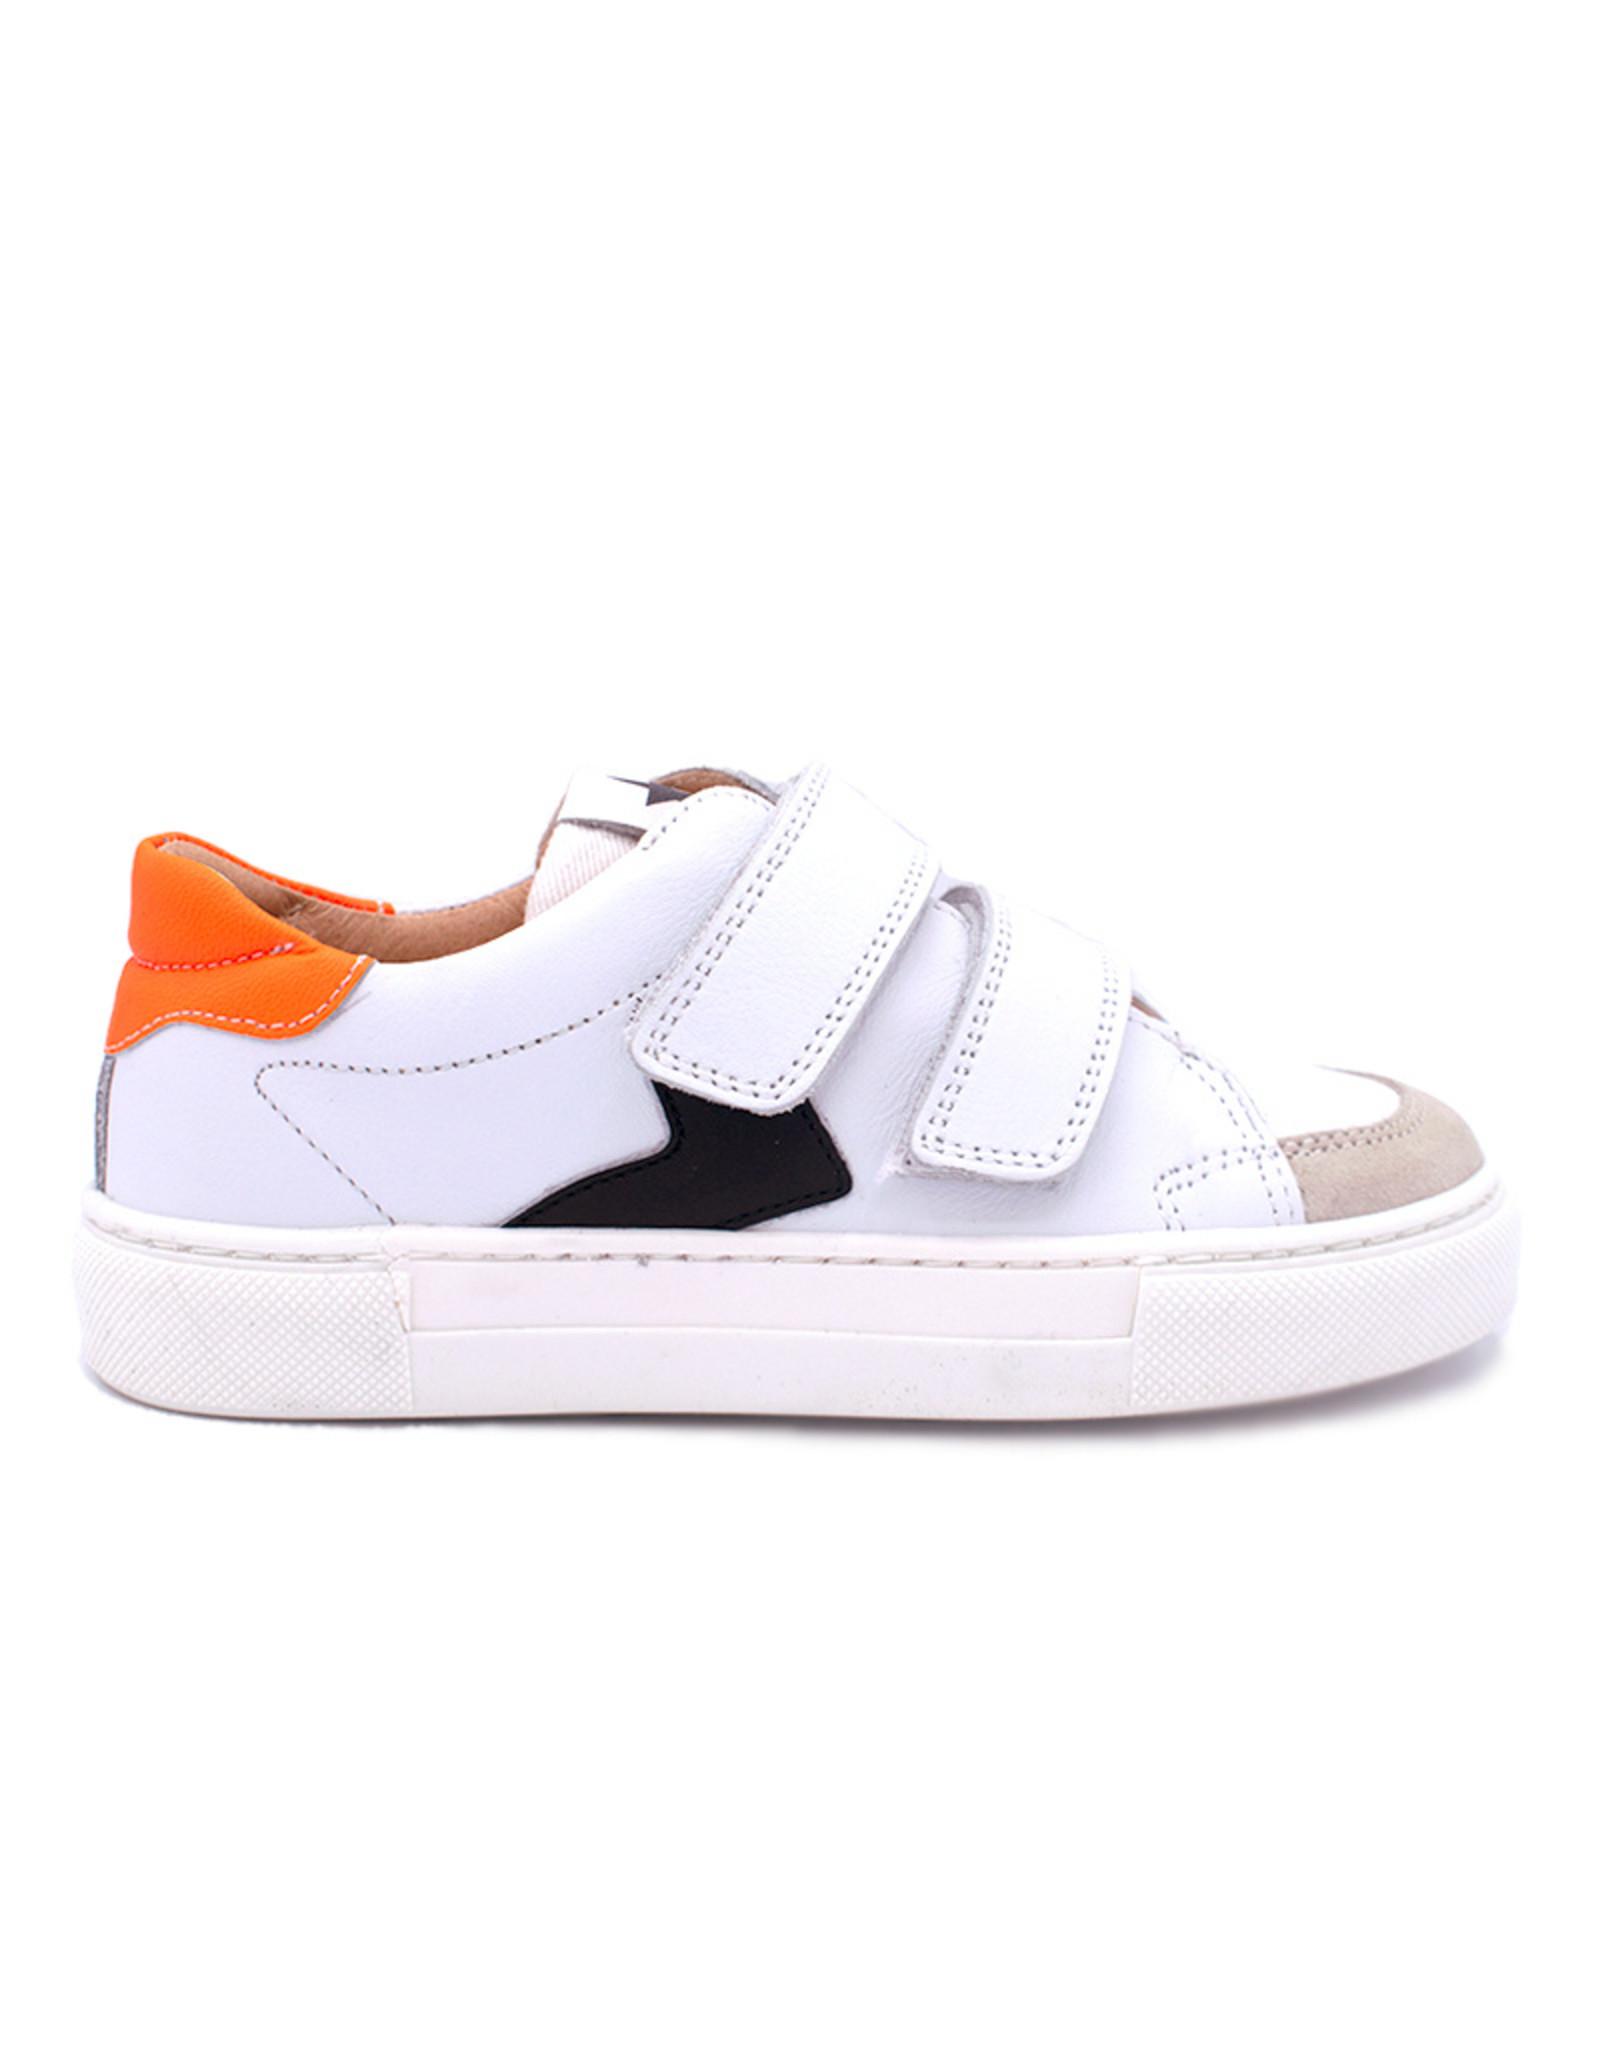 BISGAARD BISGAARD sneaker wit oranje